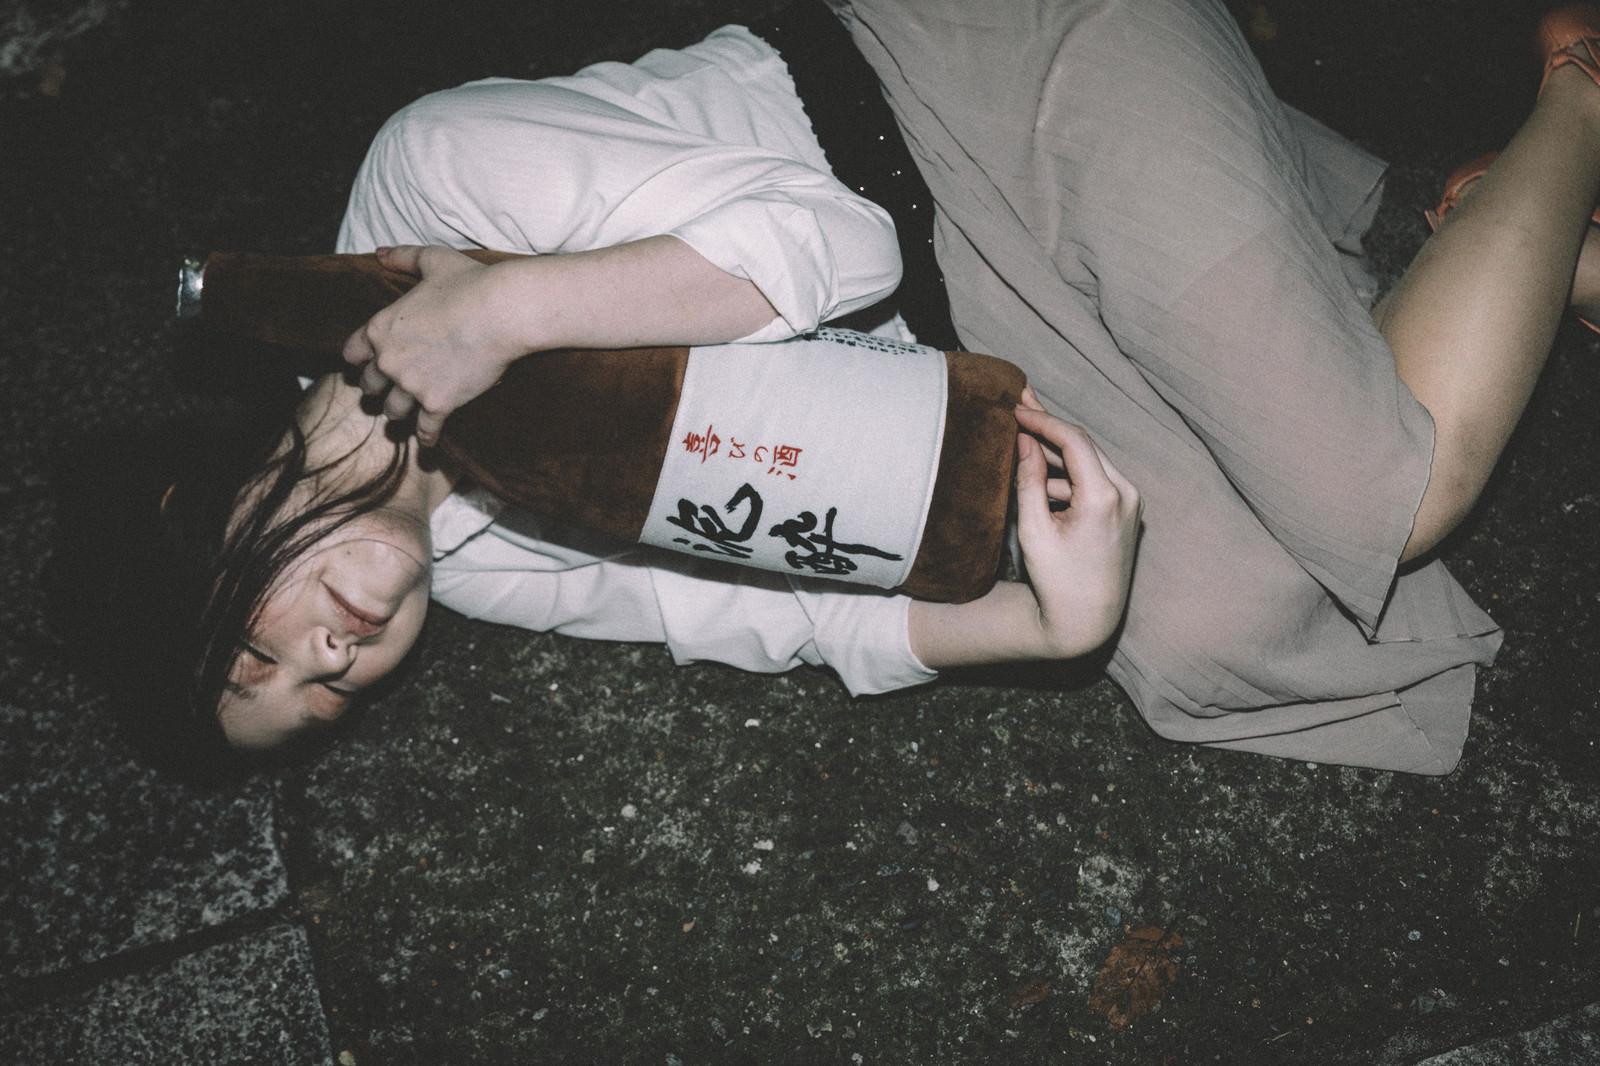 「[忘年会シーズン]泥酔して一升瓶を抱きながら路上で寝てしまった女性」の写真[モデル:シマヅ]